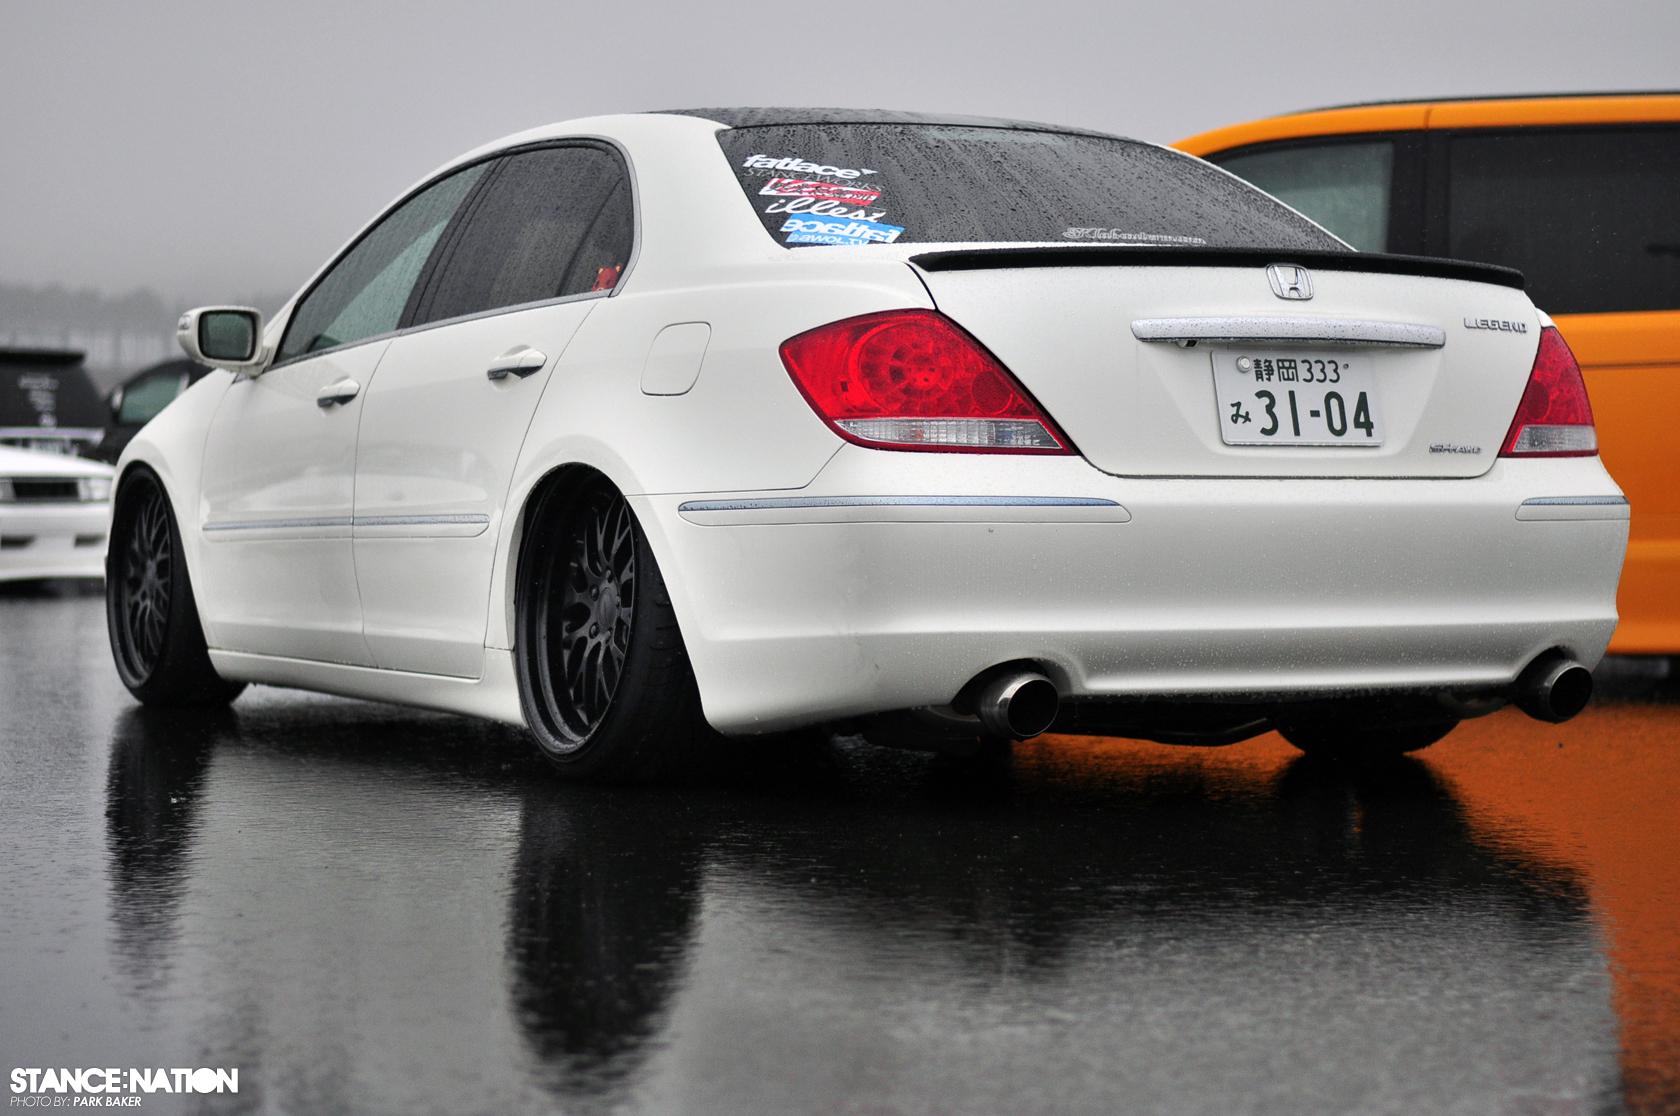 Excite King Honda Legend Stancenation Form Gt Function